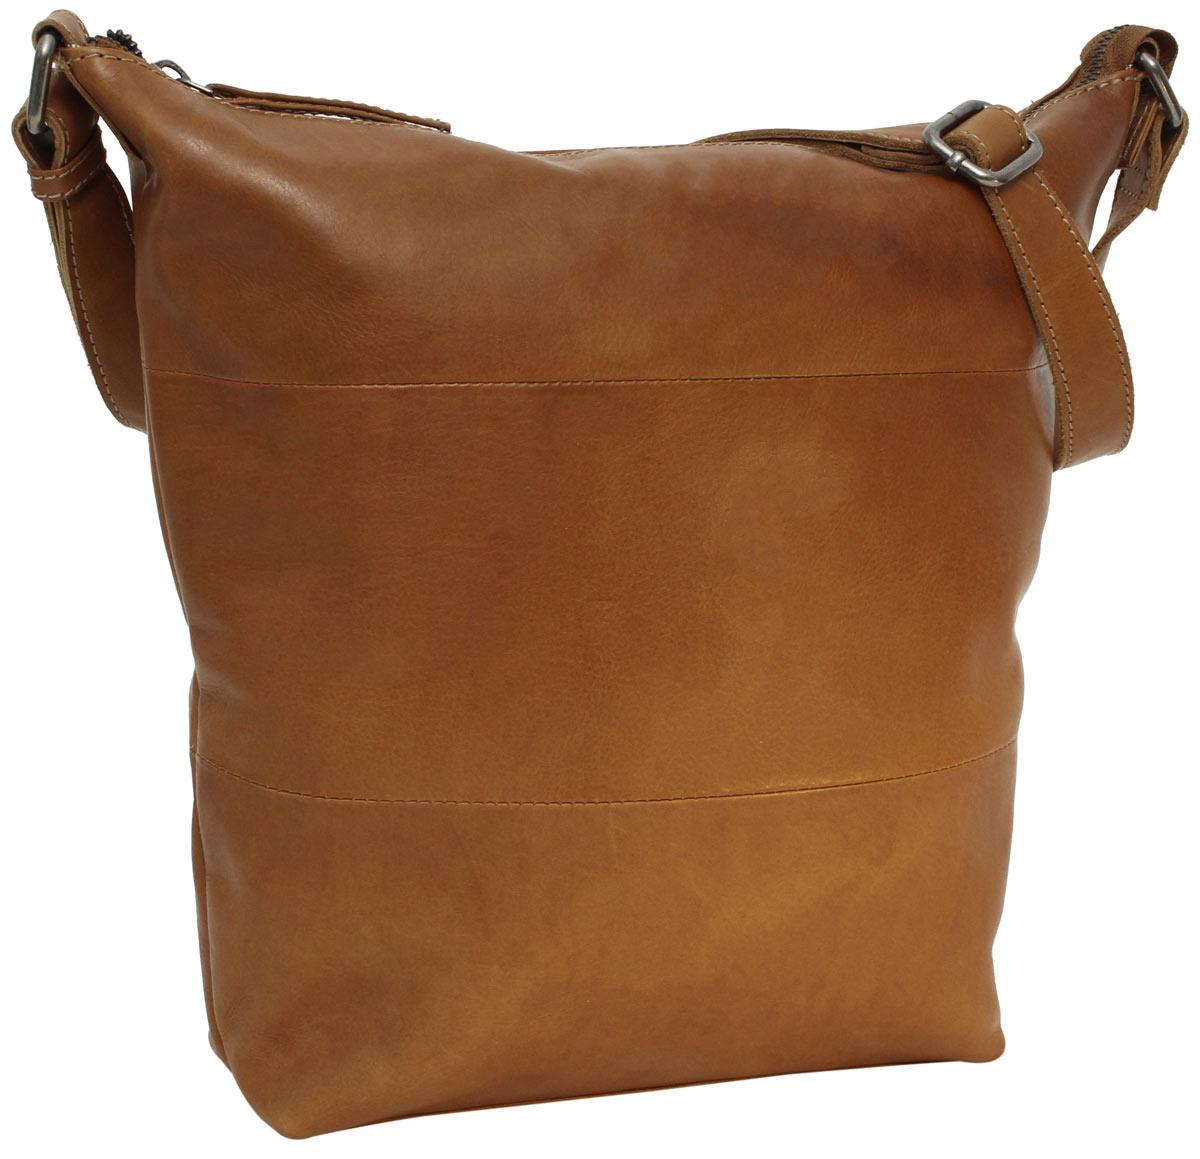 b624832e80464 Handtasche